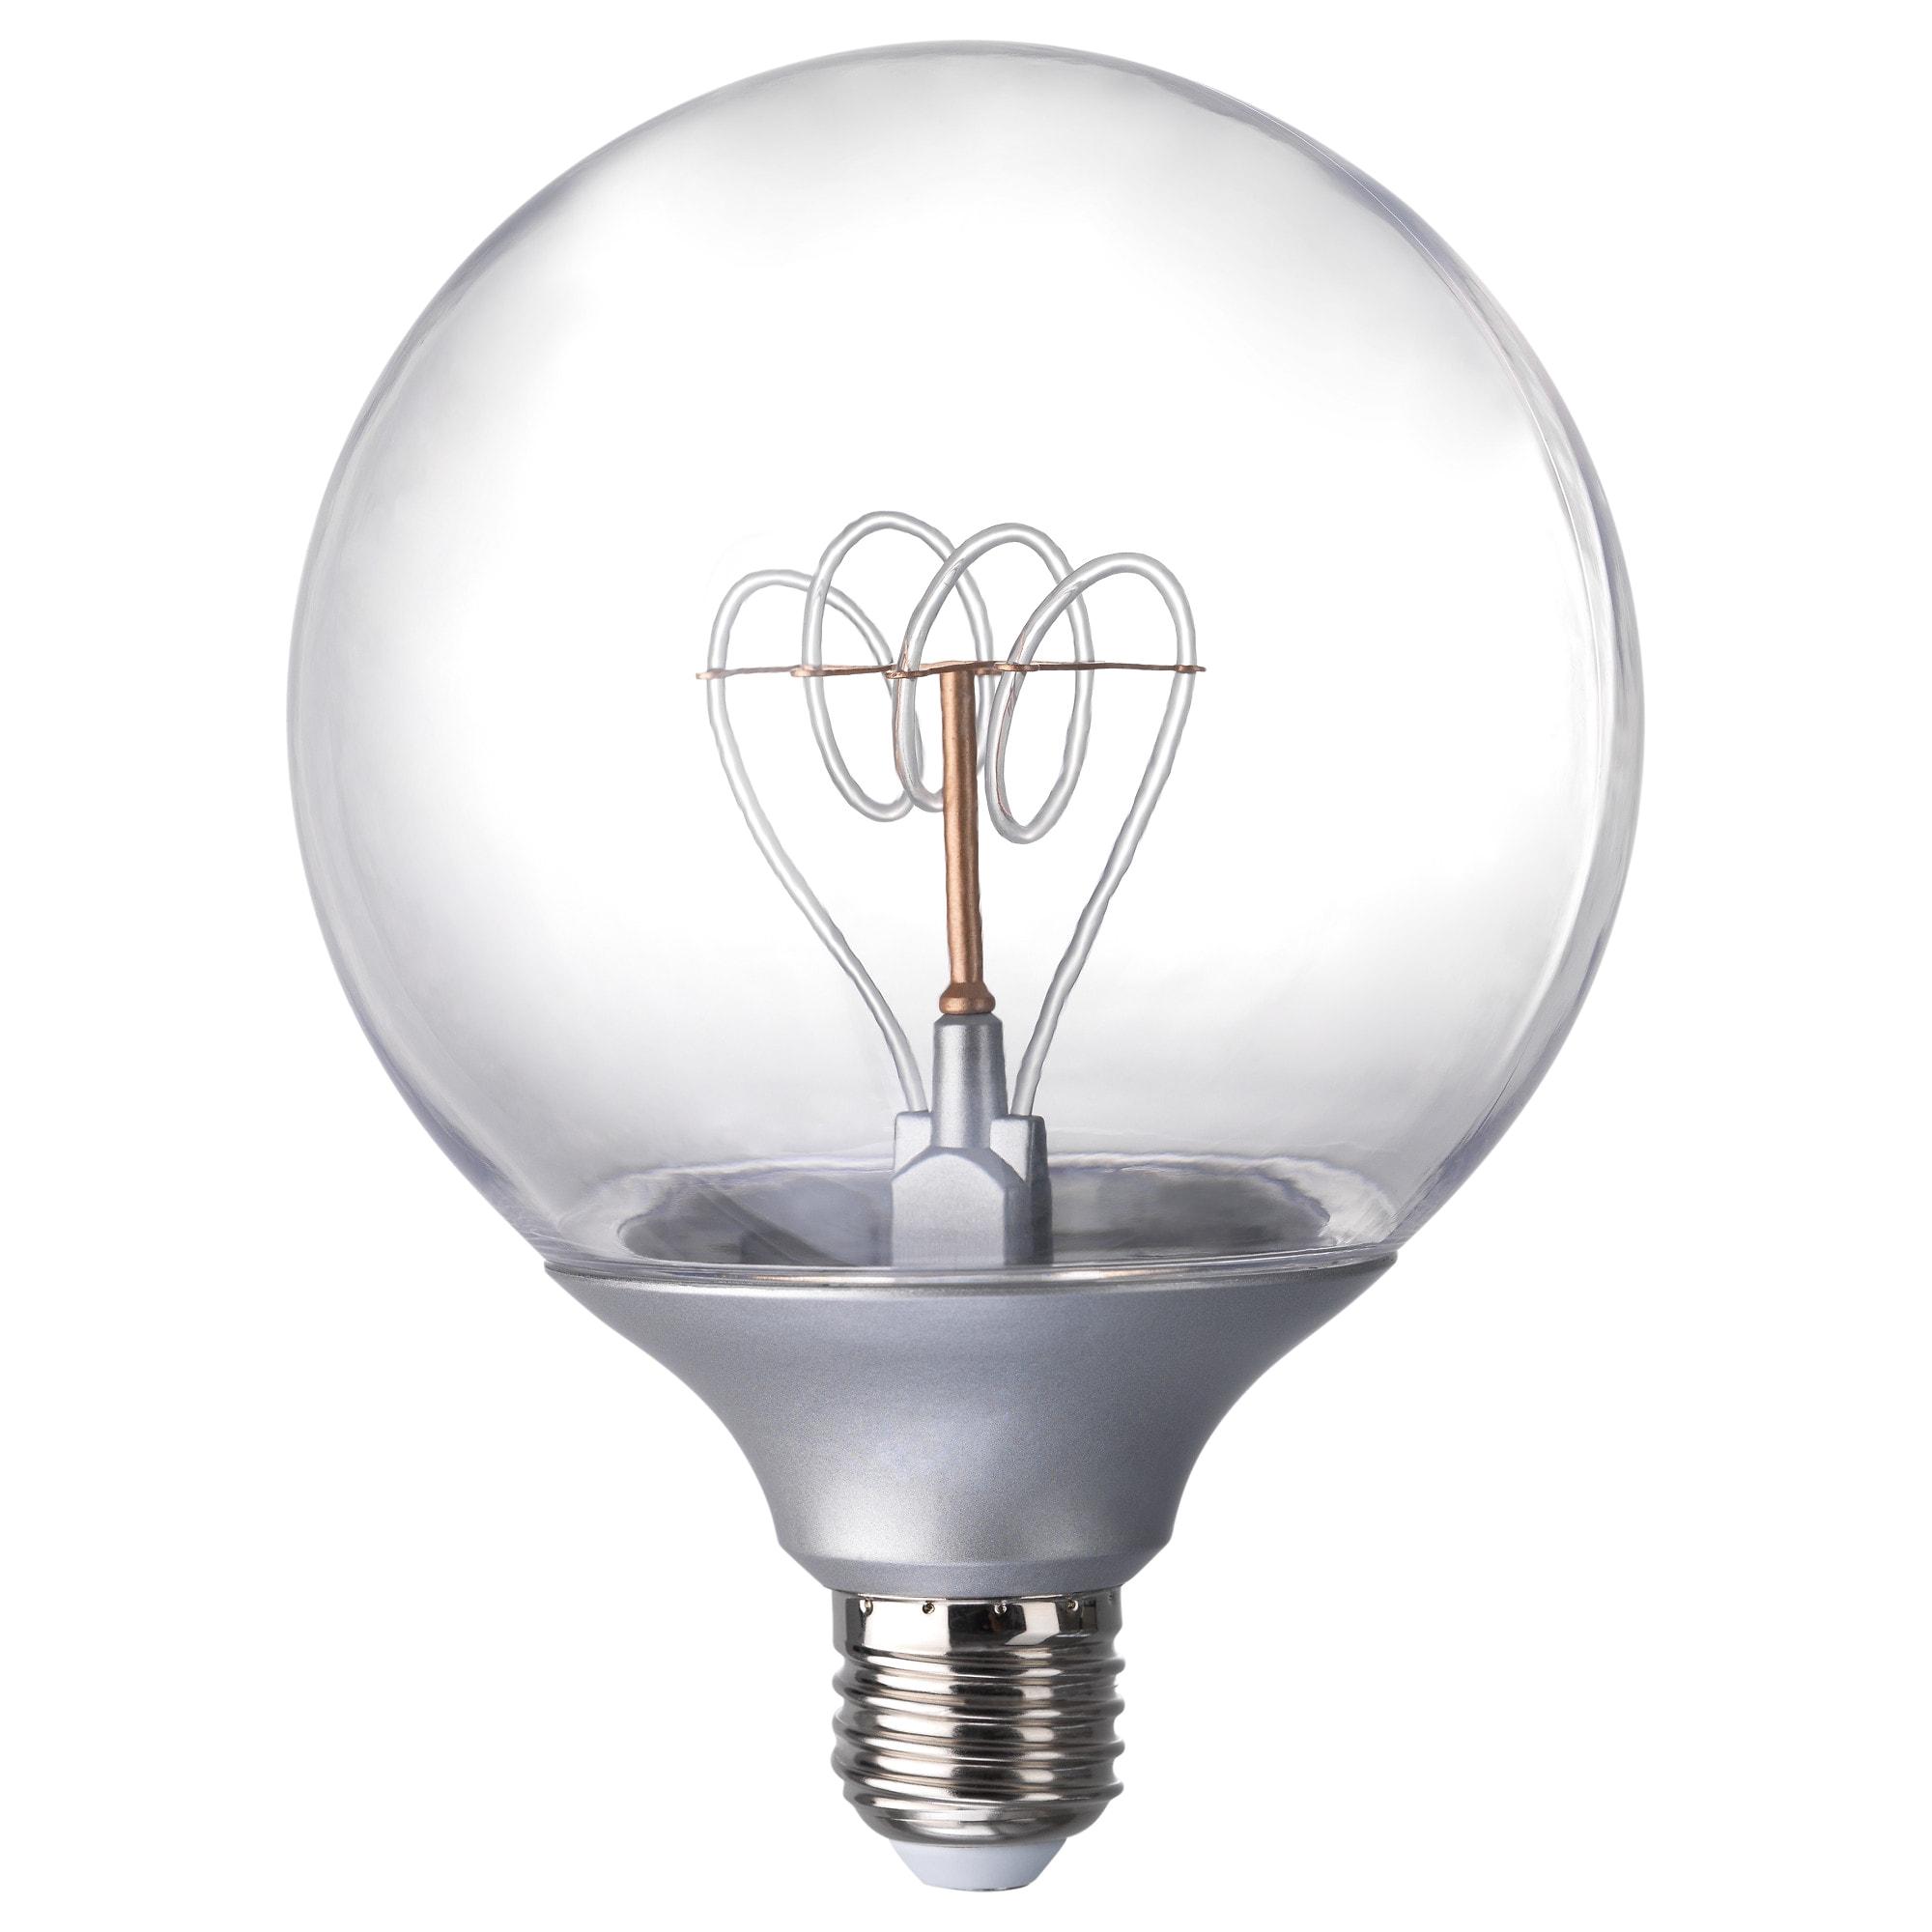 ikea nittio led bulb e27 20 lumen gives a nice decorative light